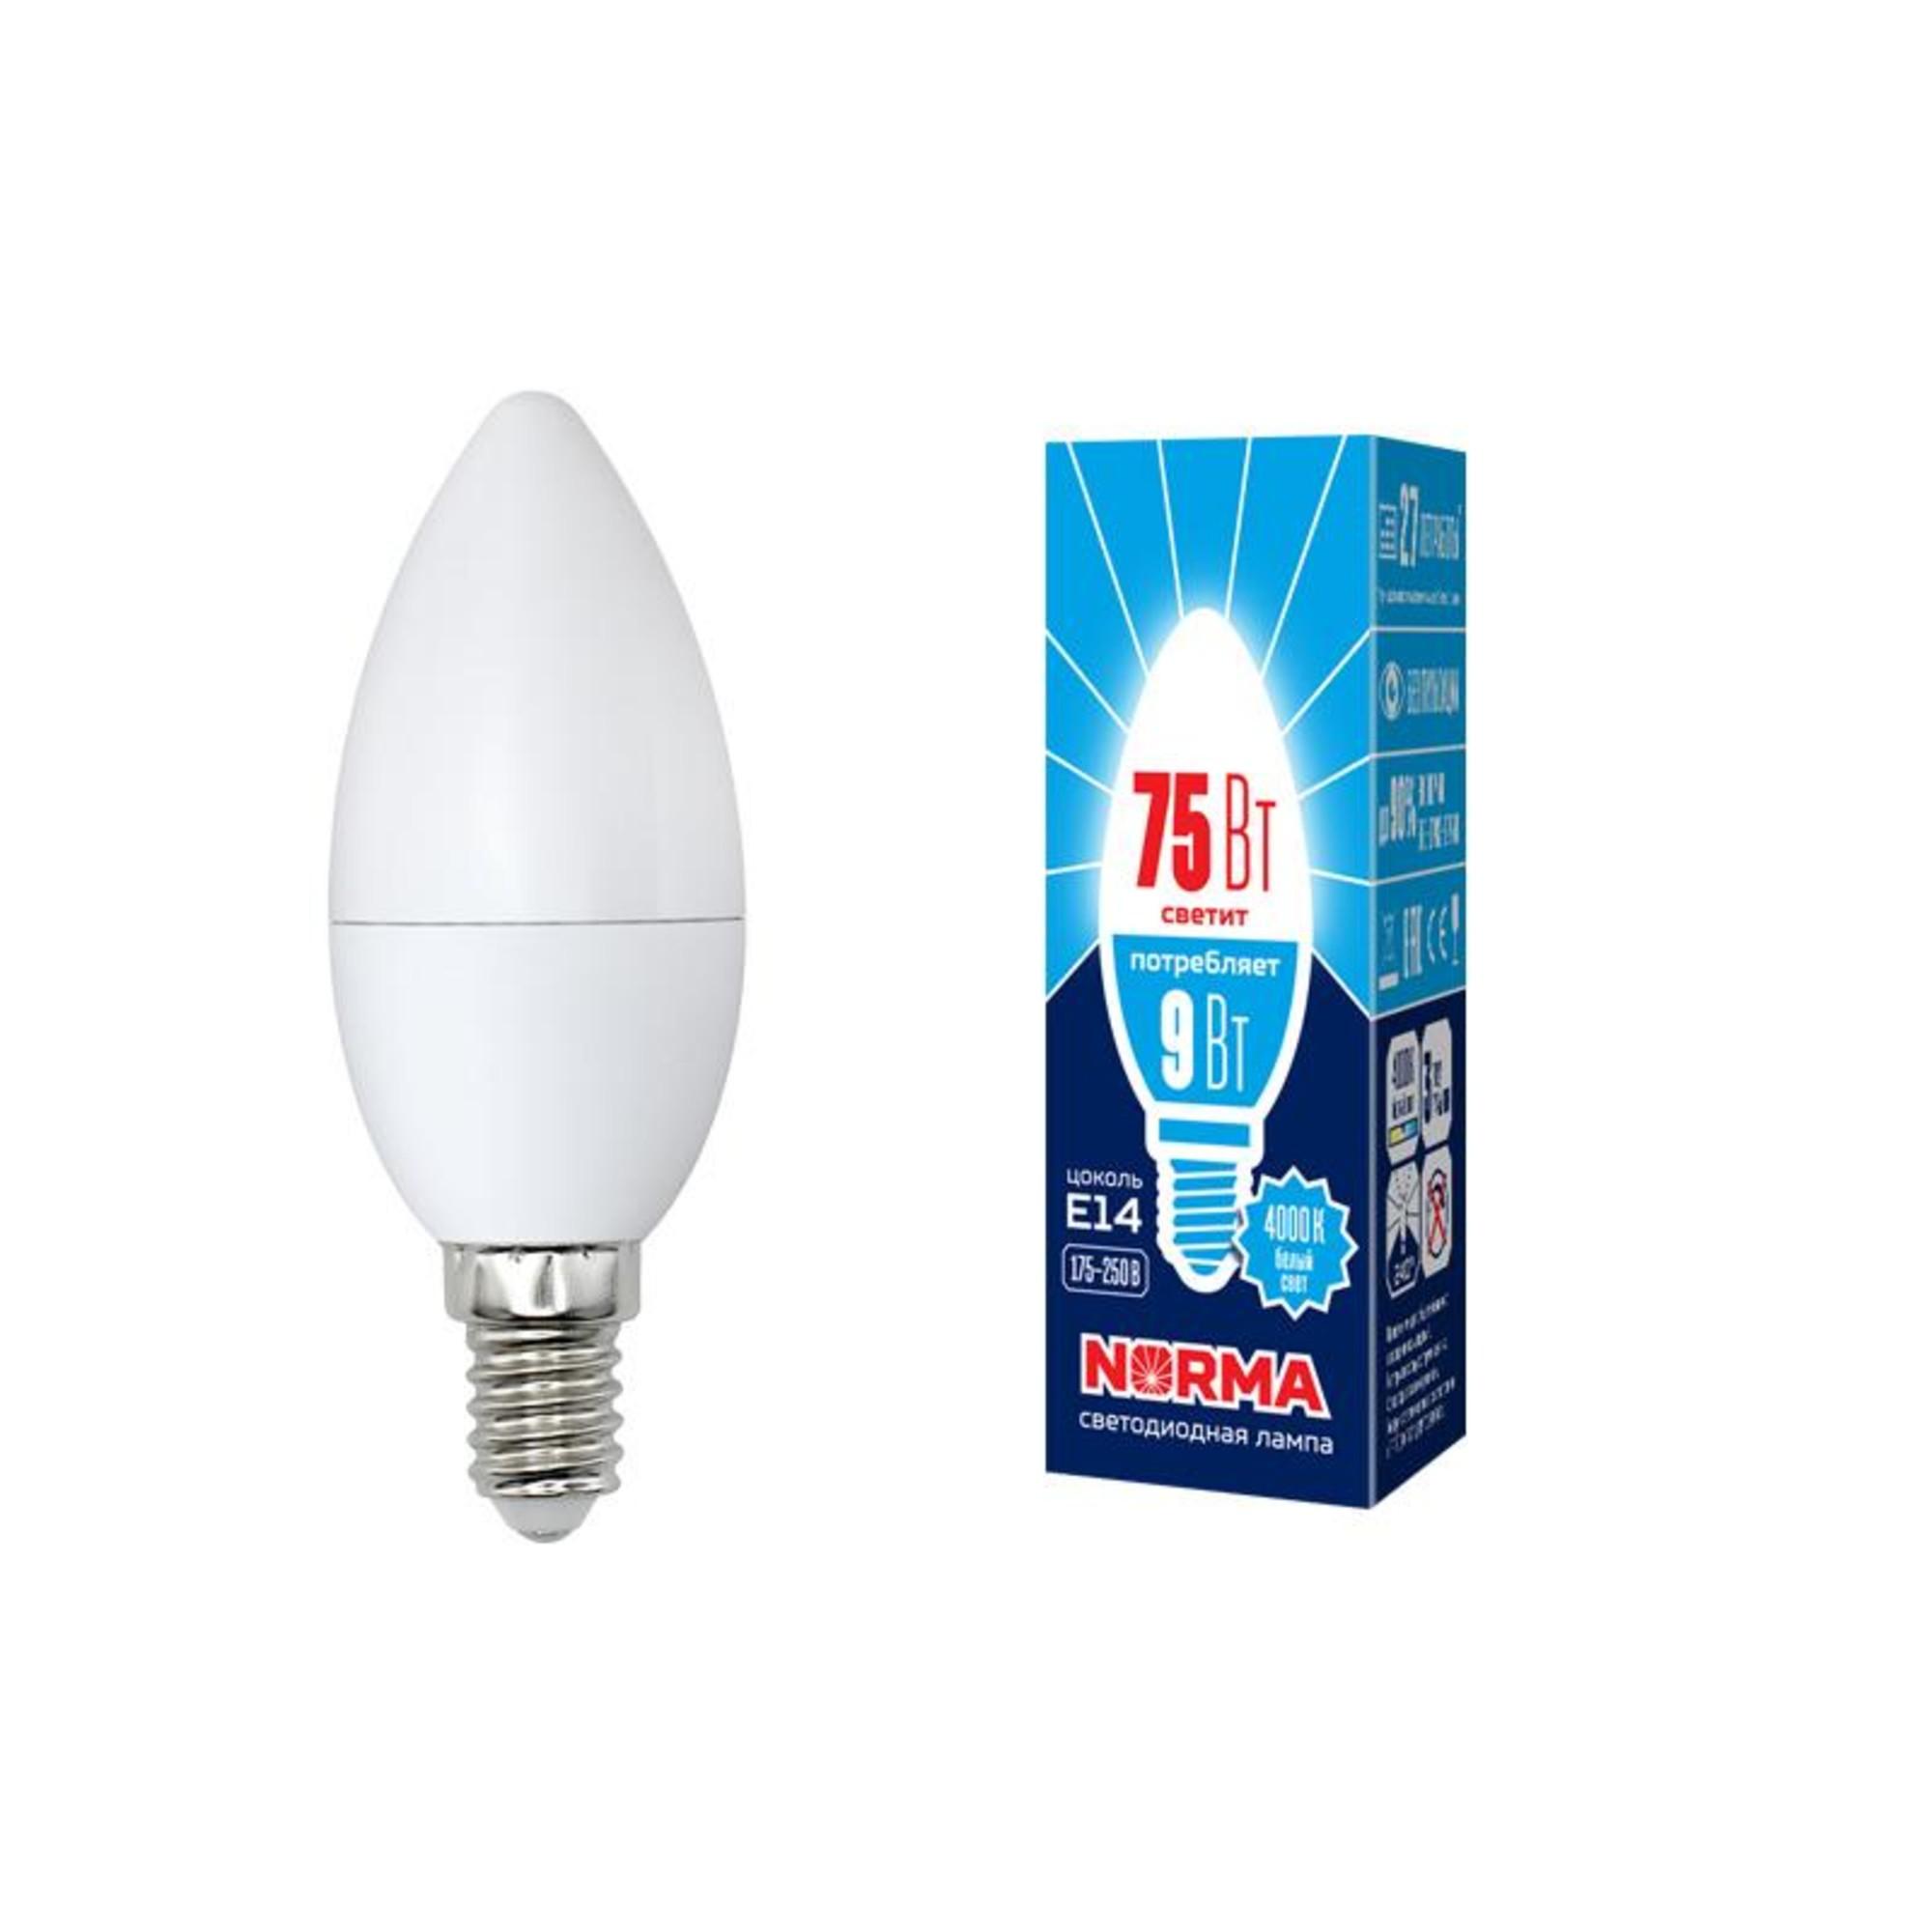 Лампа Volpe светодиодная E14 9 Вт белый свет